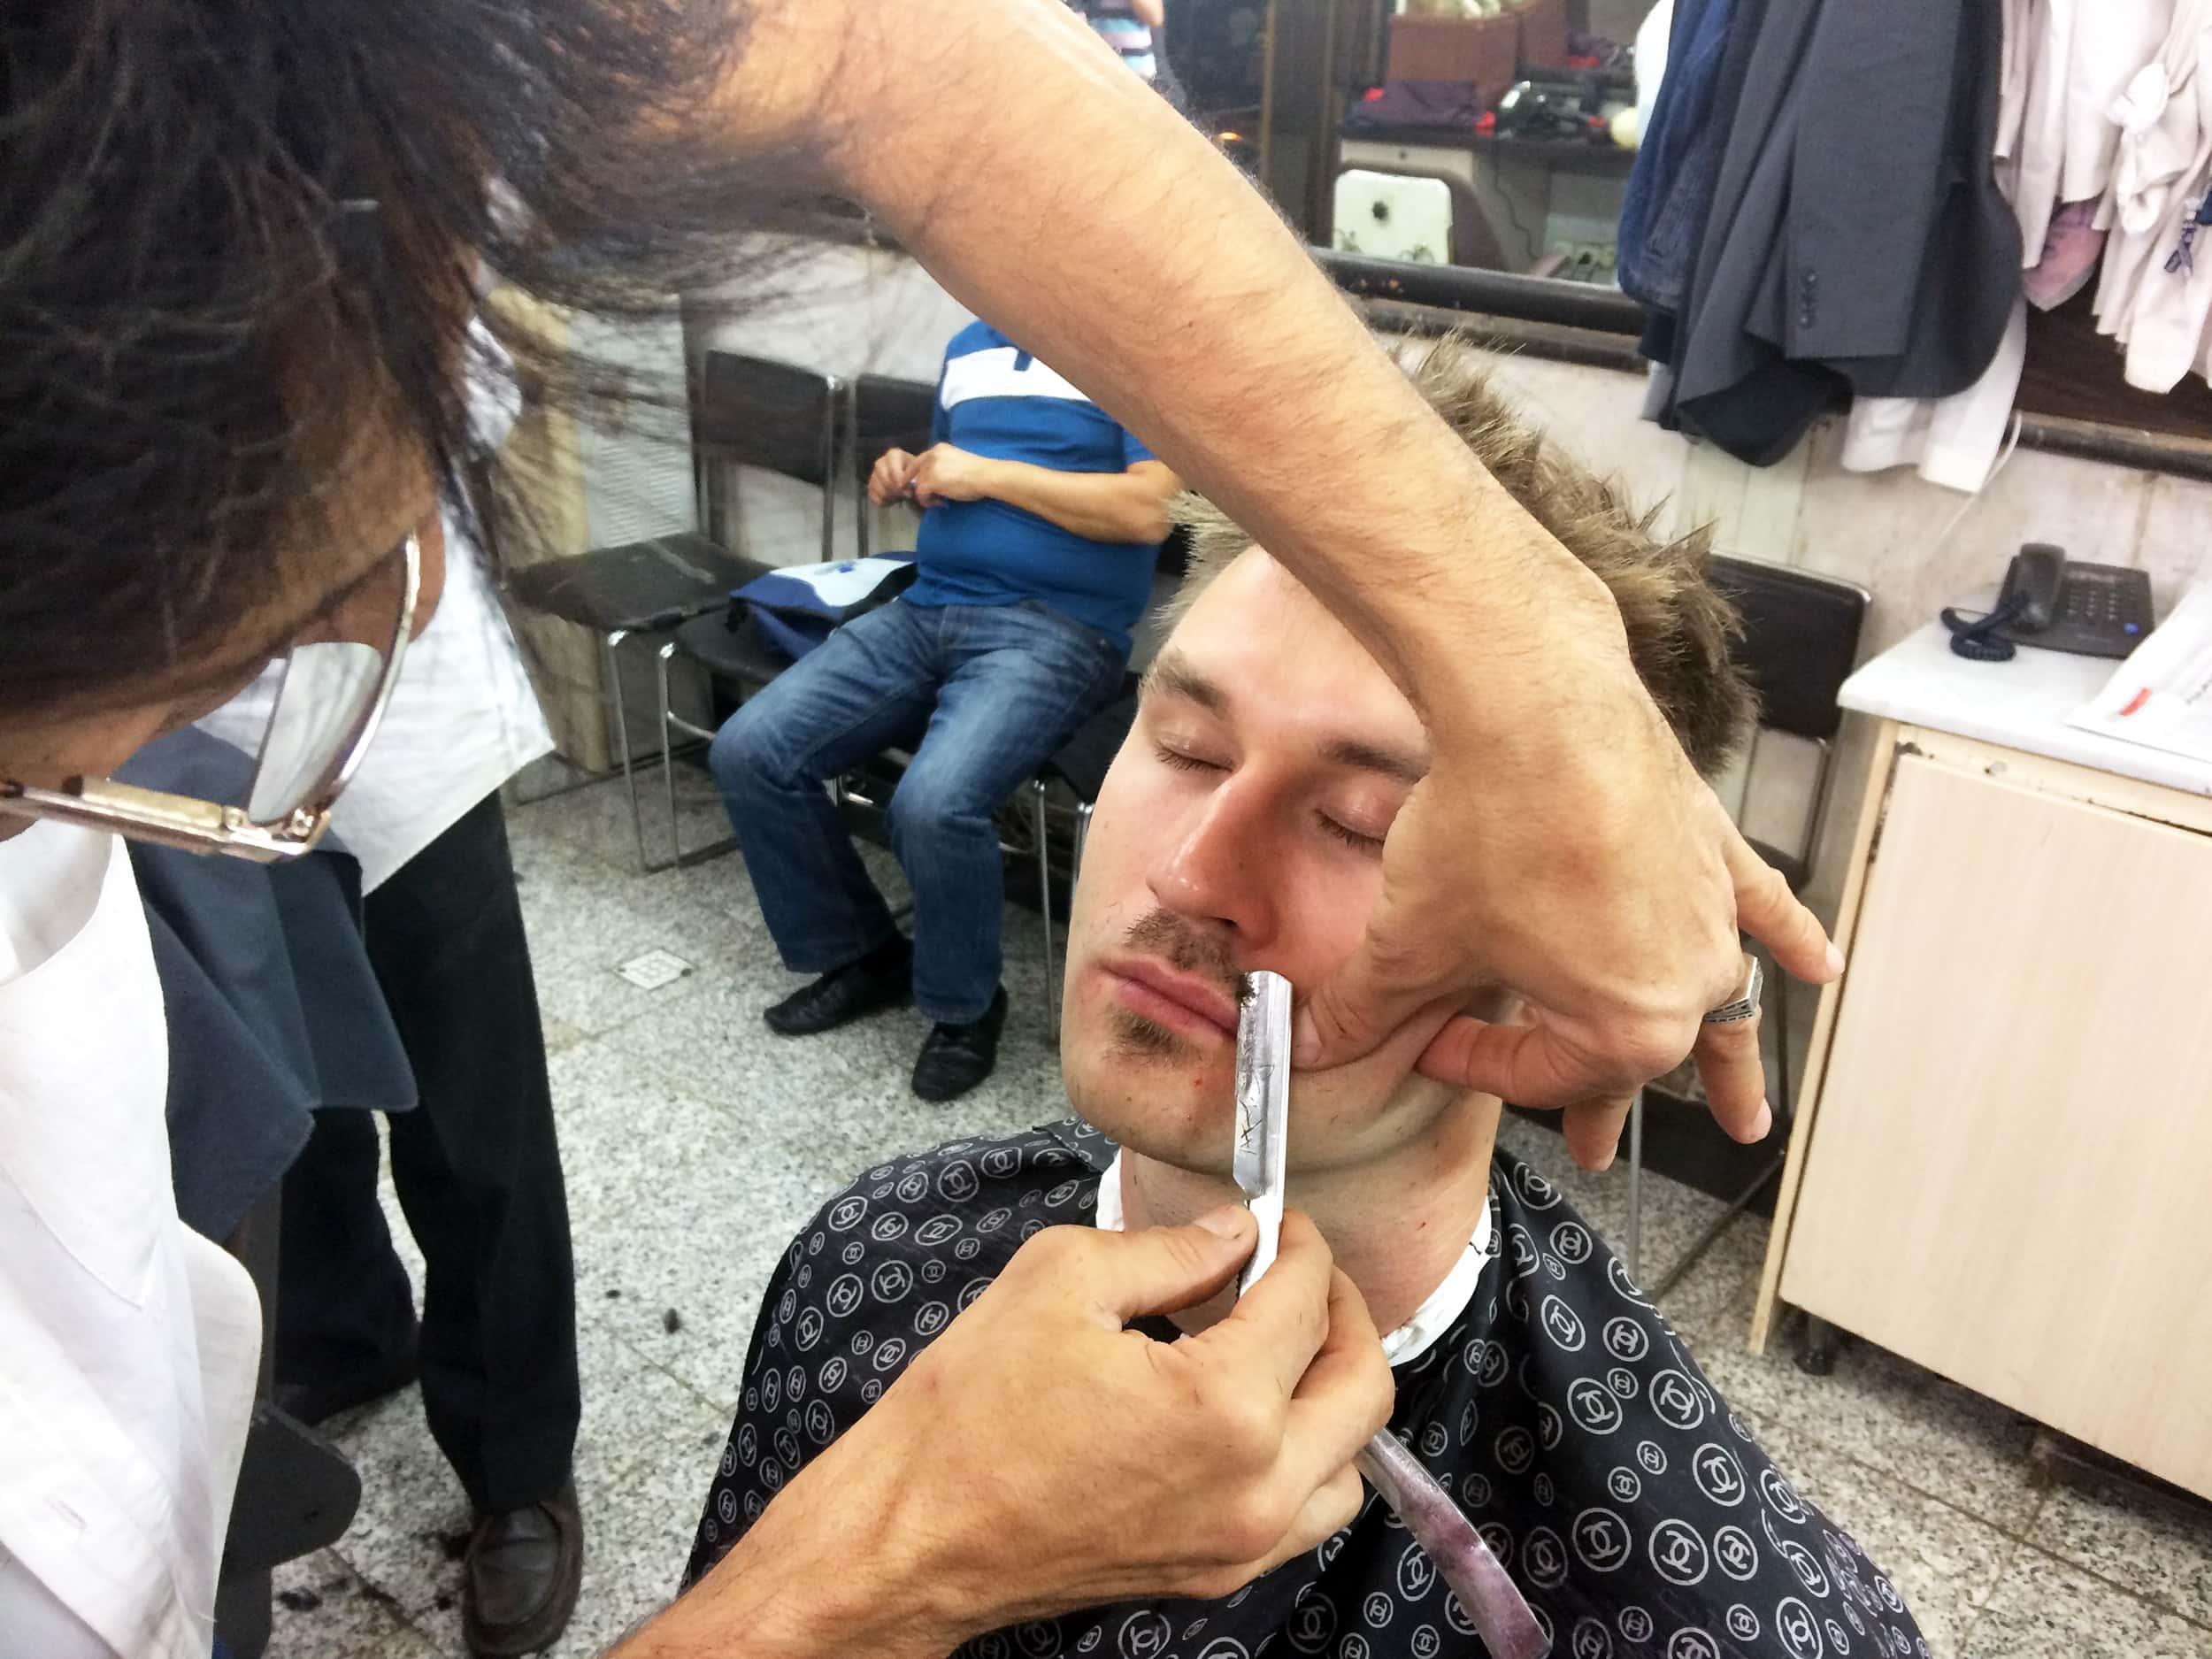 Тегеран. Мене голять небезпечним лезом. Фото 1